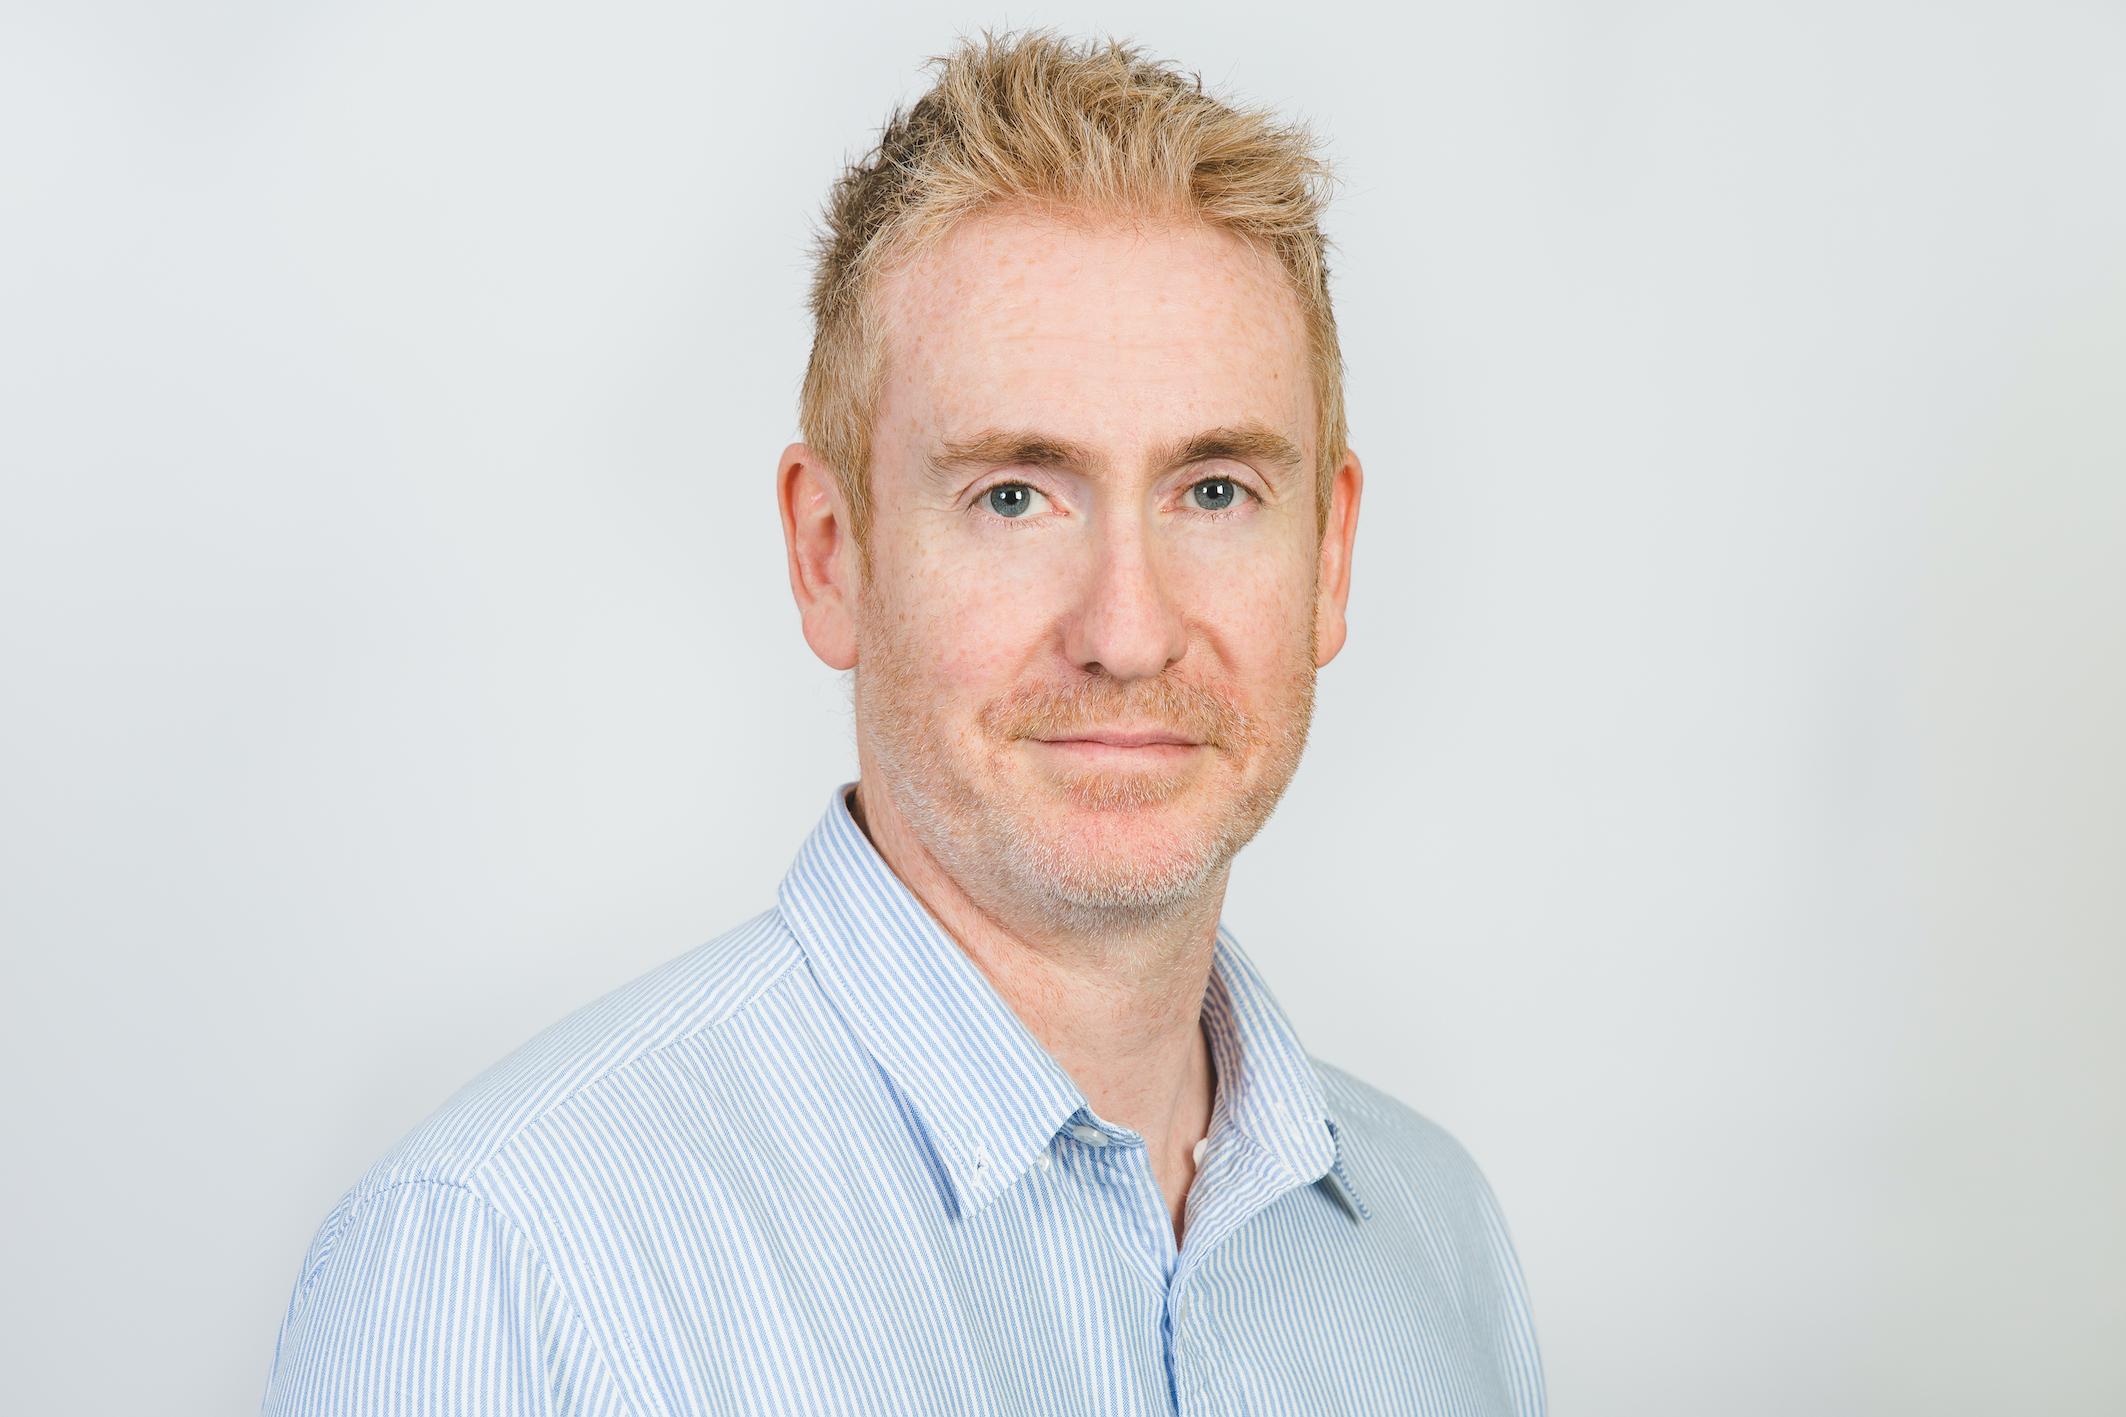 image of Joel Crouch, Eventbrite VP of Global Sales